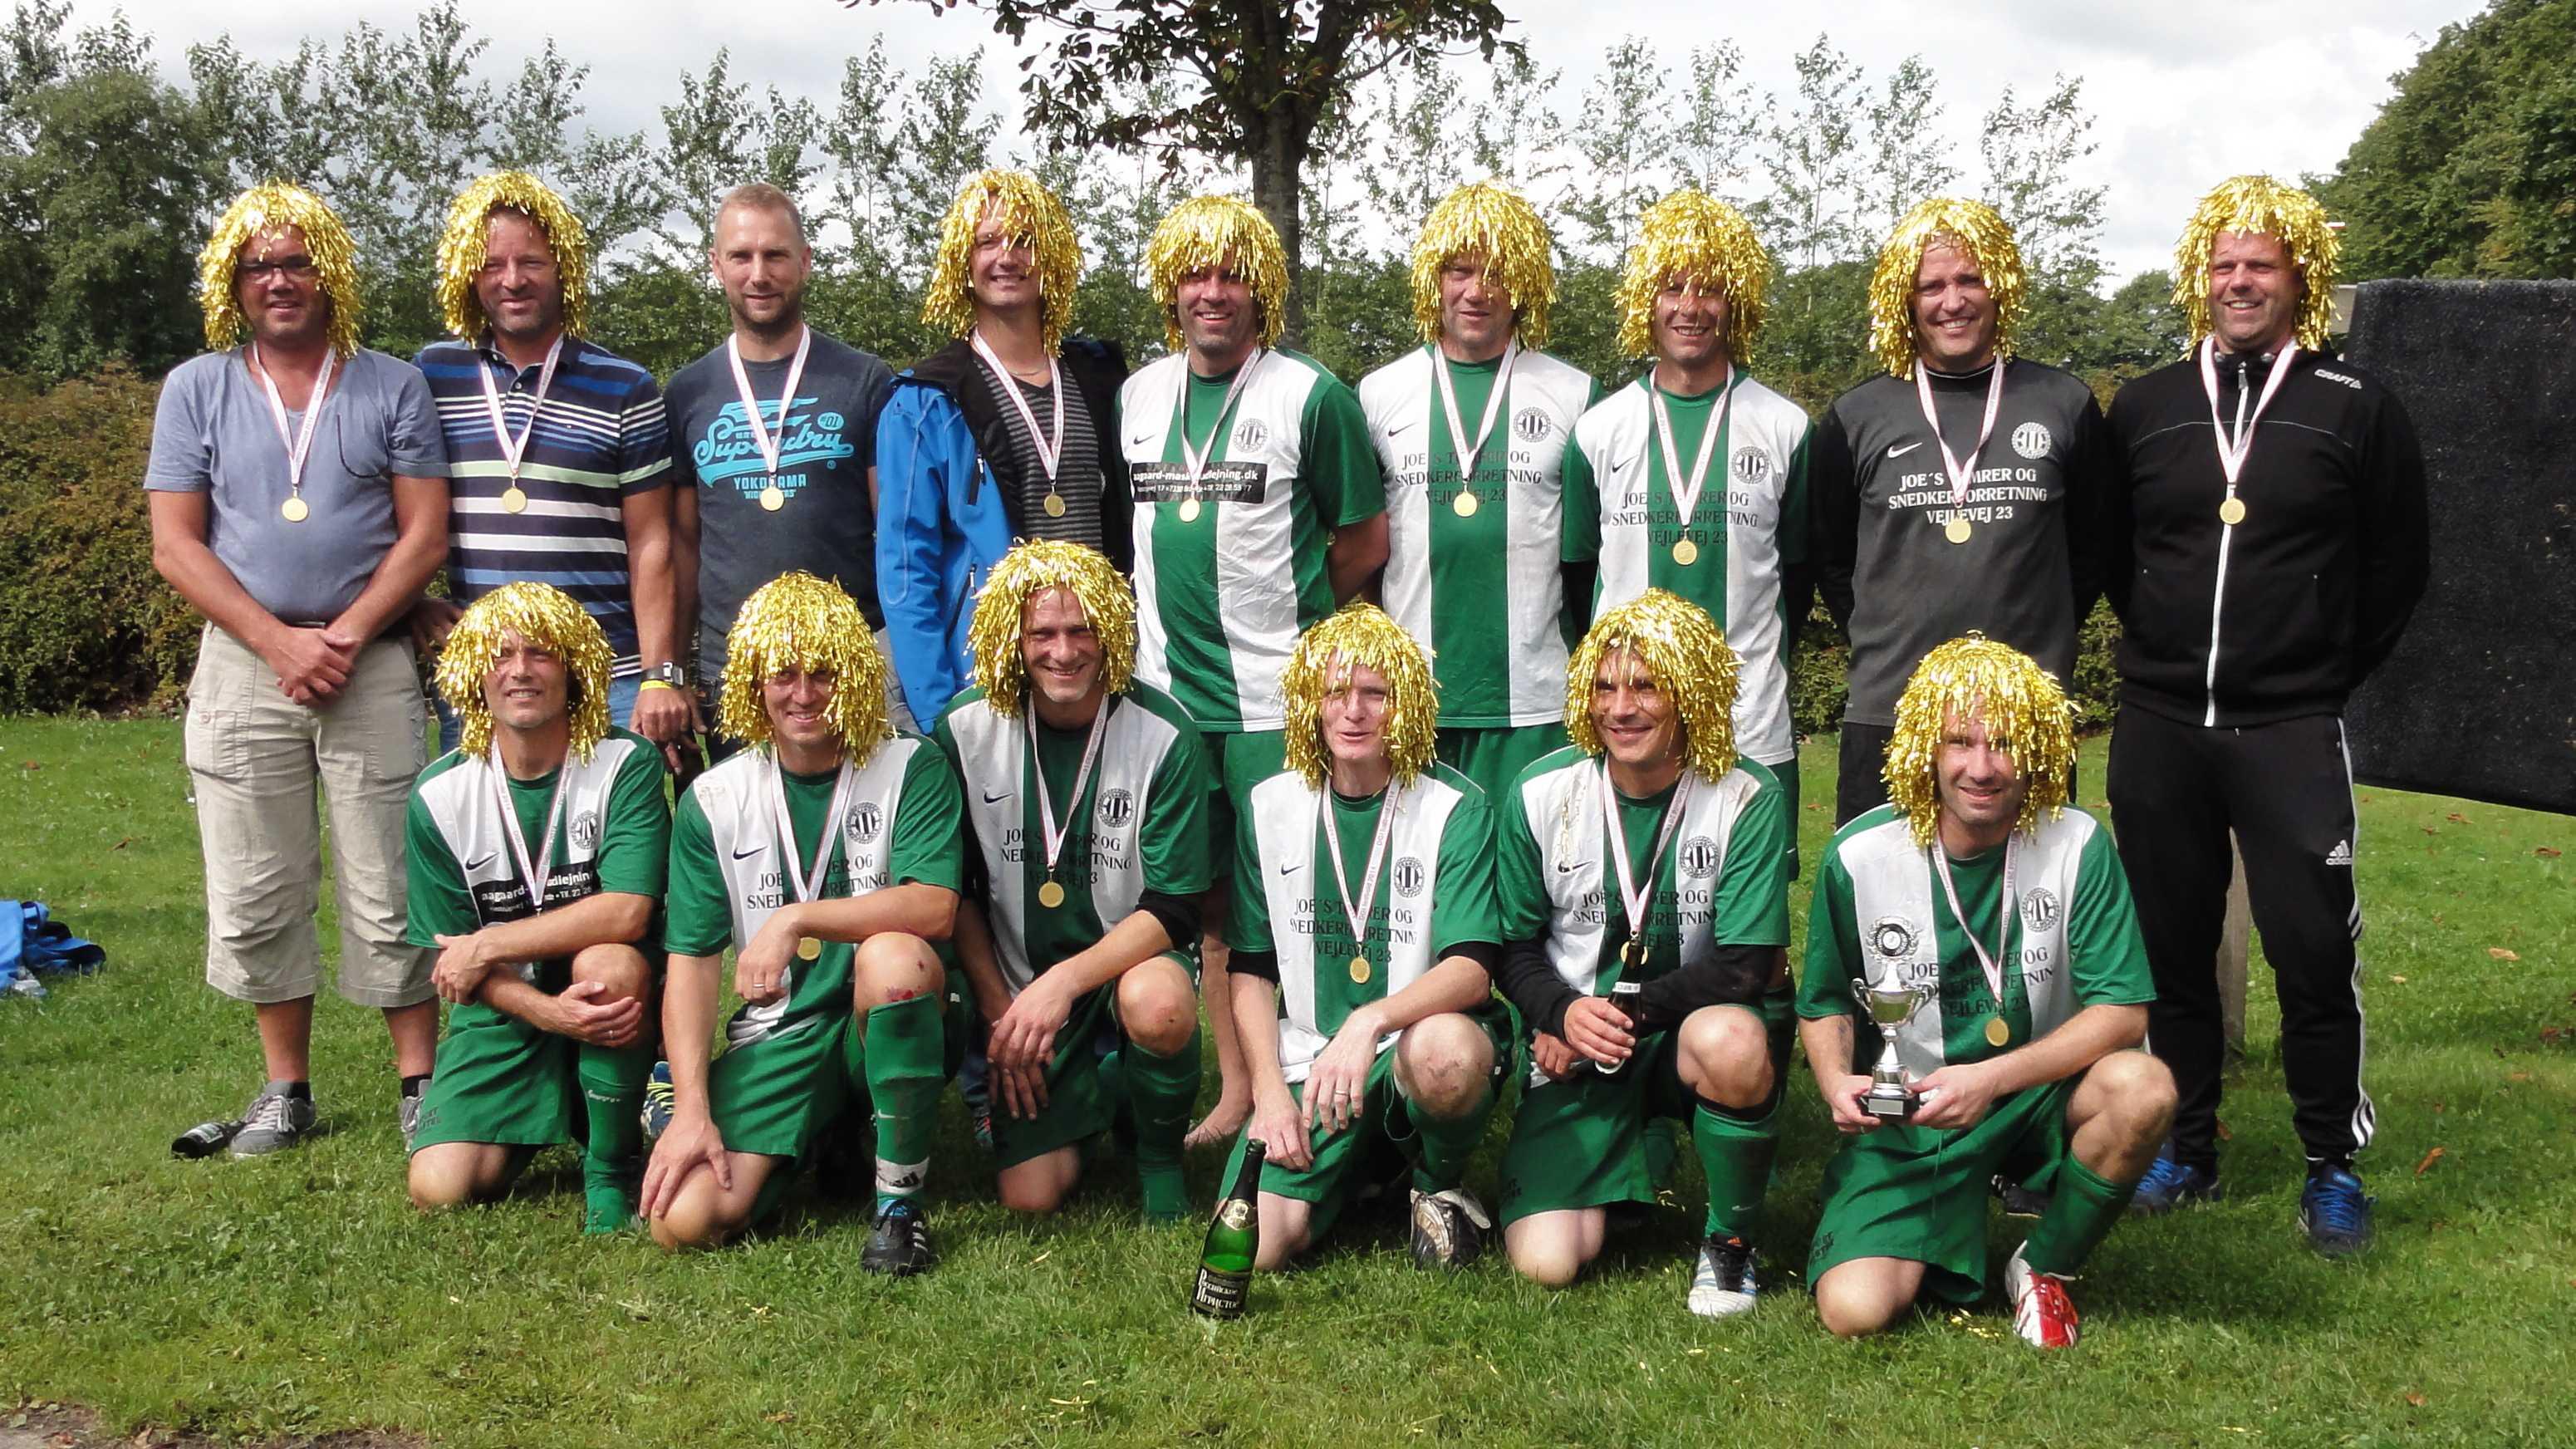 Vinder af Senior Old Boys +40 7 mands Brande old Boys